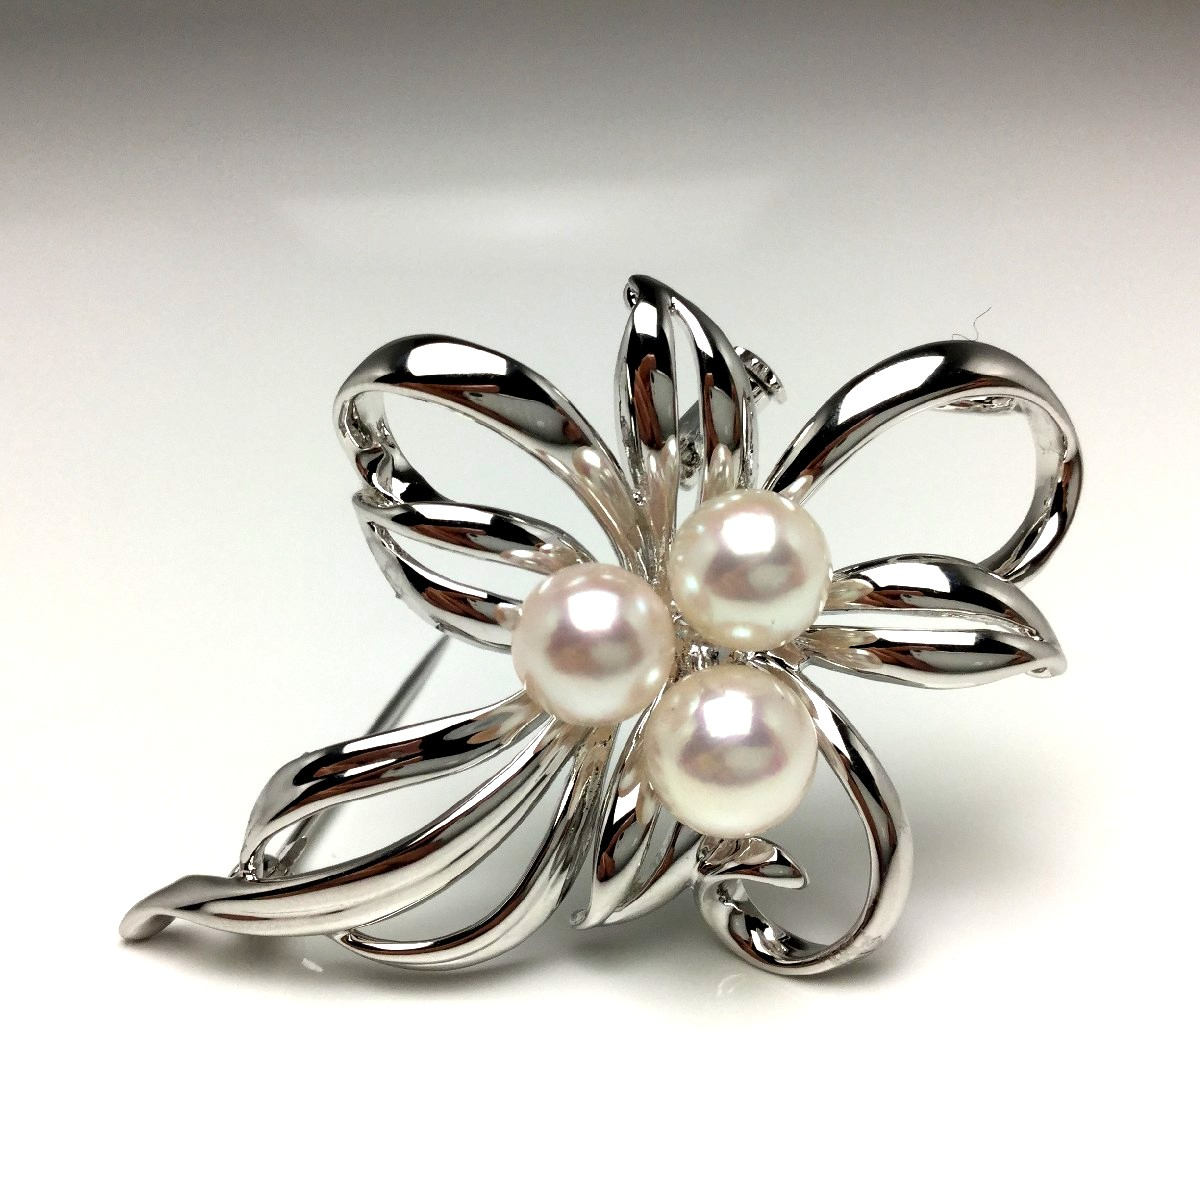 【10%OFF】真珠 ブローチ パール アコヤ真珠 7.0-7.5mm ホワイトピンク シルバー 植物 フラワー 65969 イソワパール